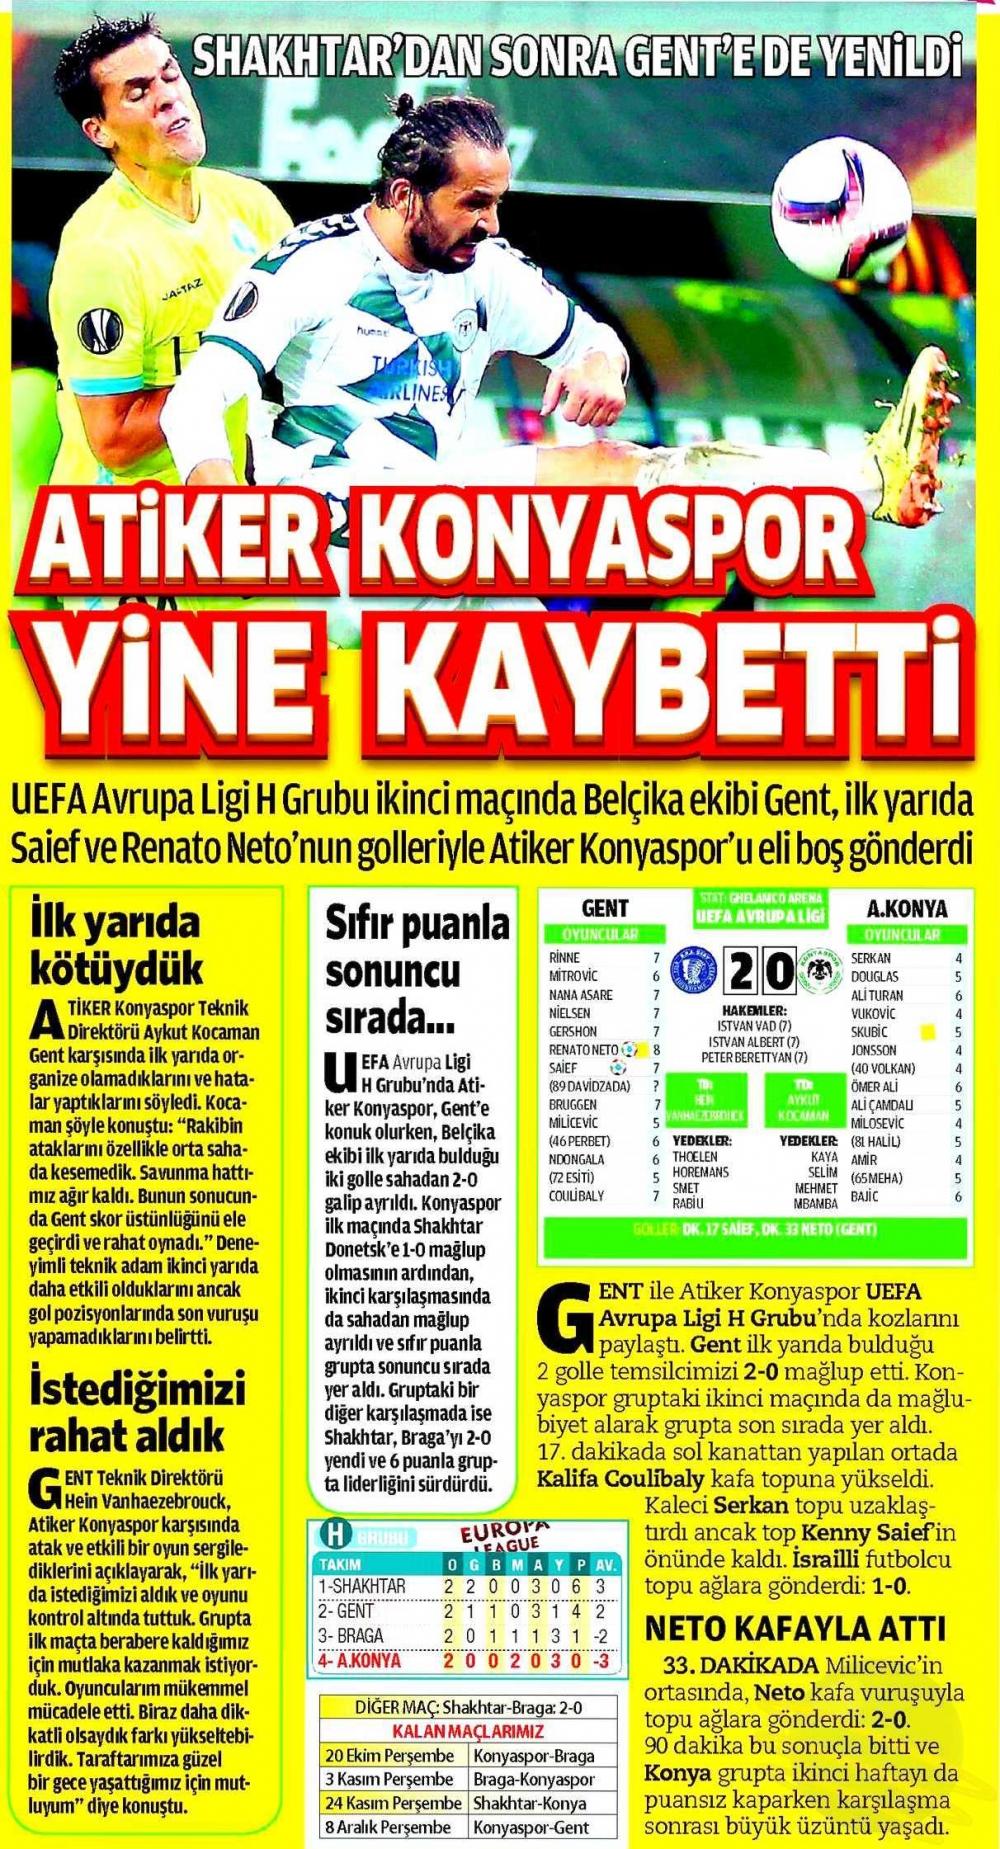 KAA Gent-Atiker Konyaspor maçının basına yansımaları 6